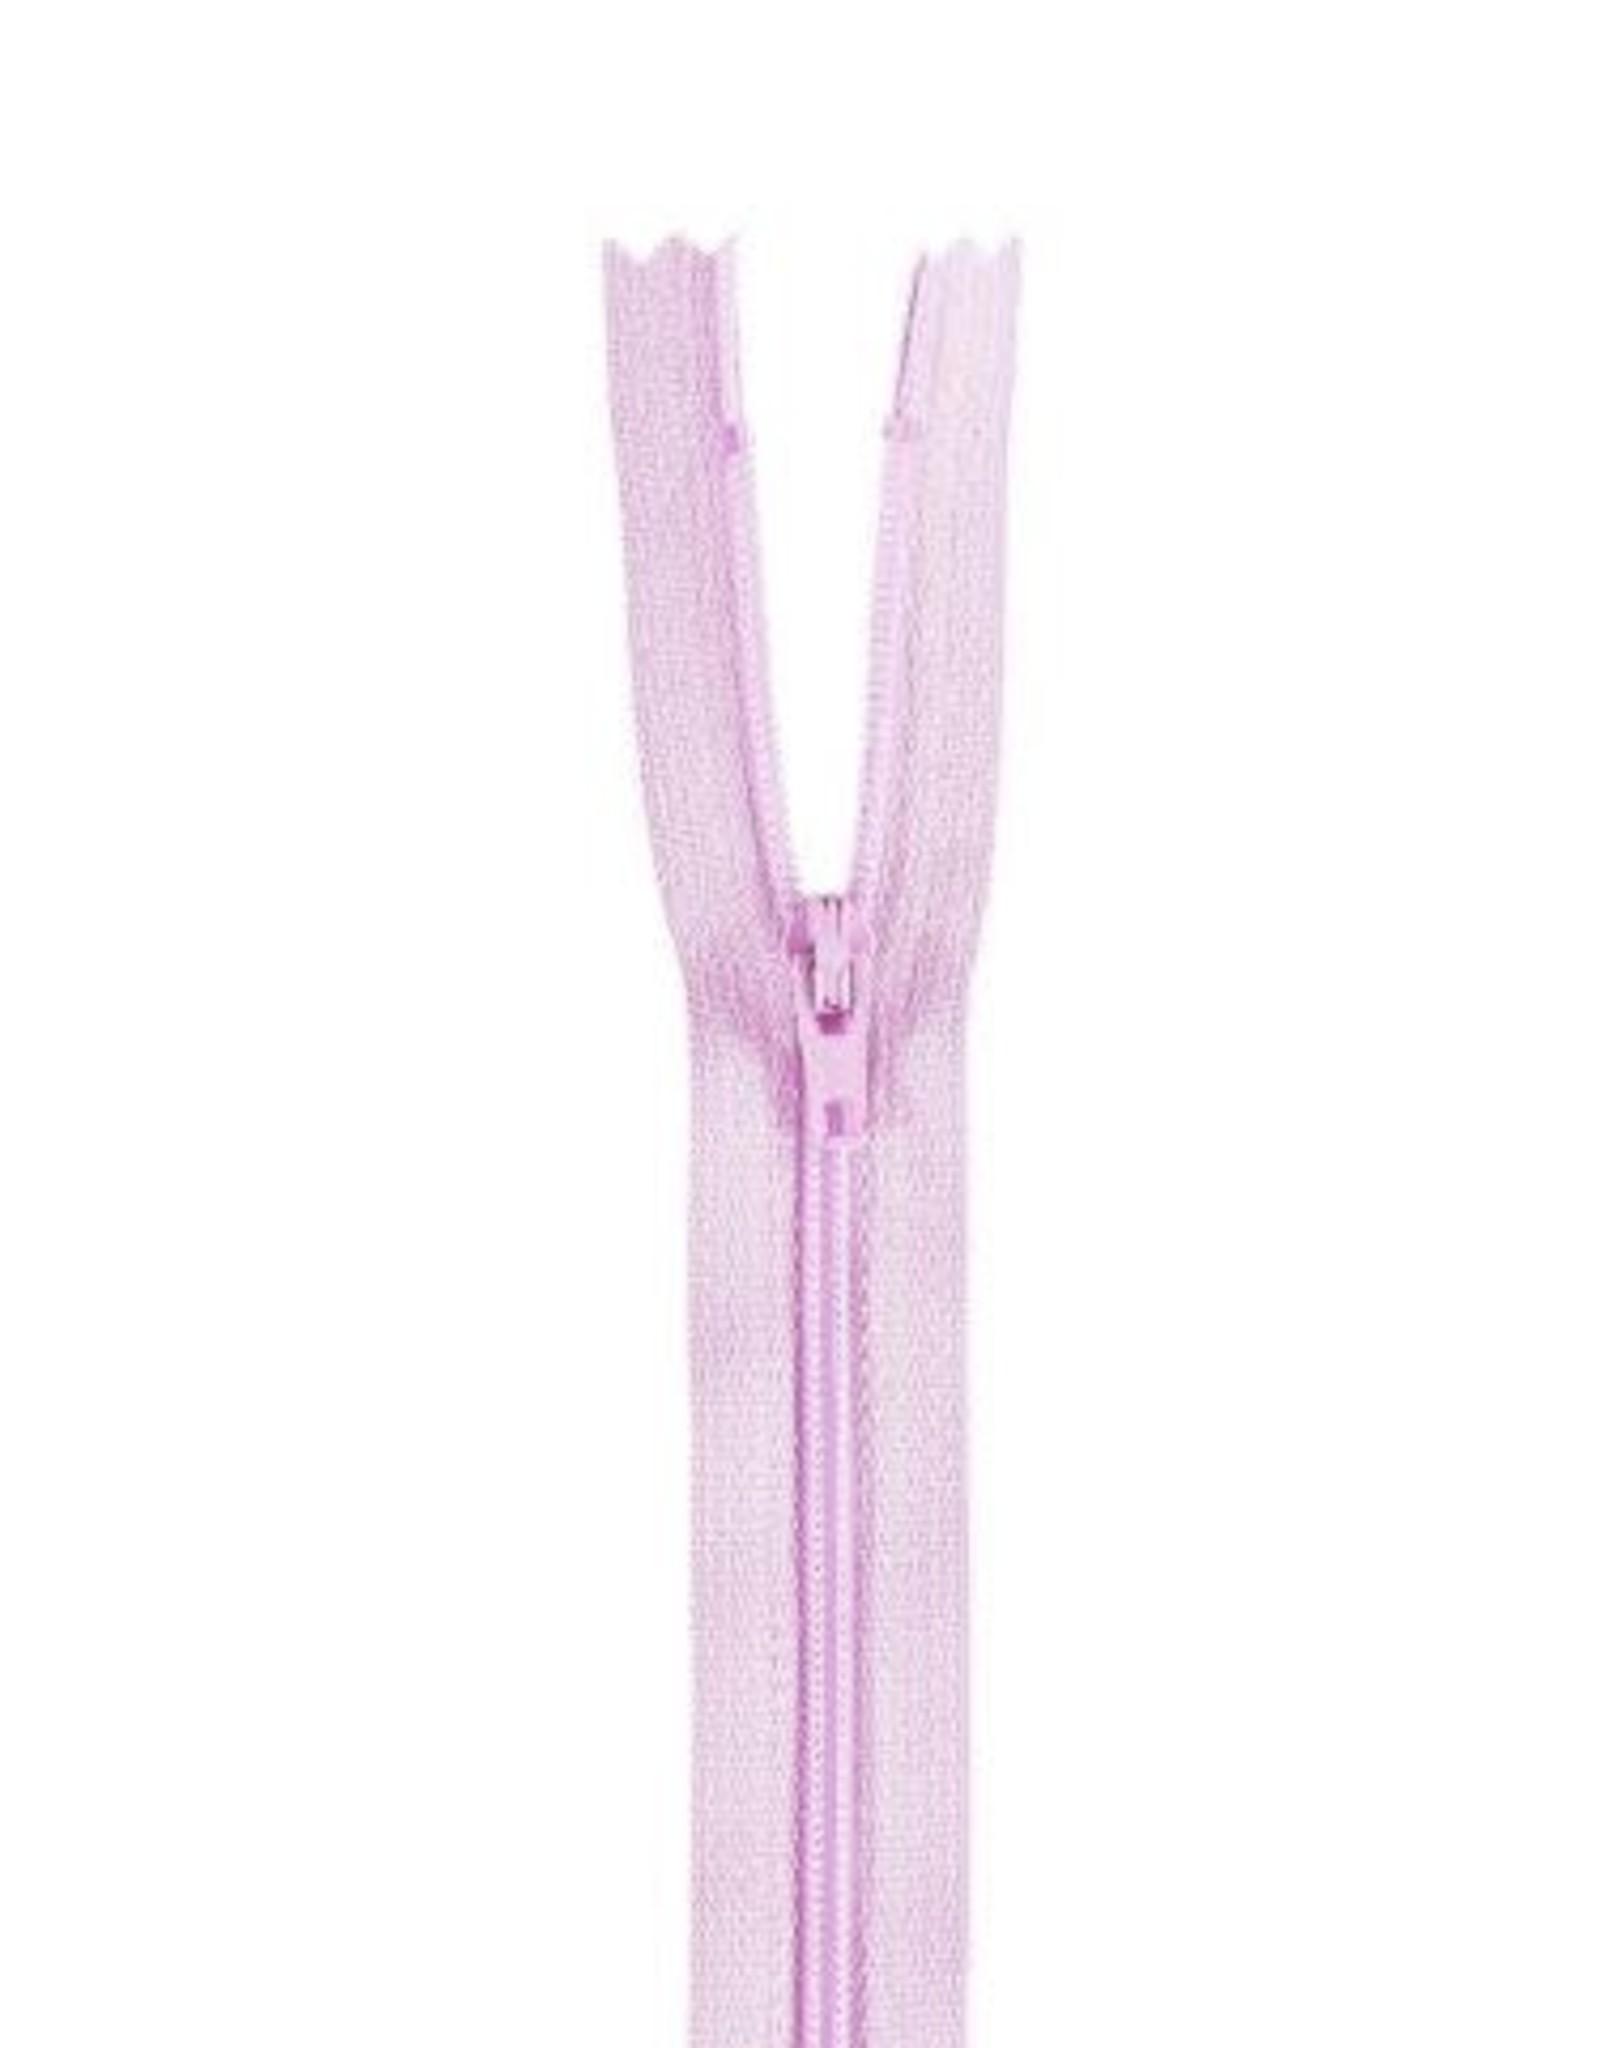 YKK Spiraalrits niet-DB 3mm licht roze paars 068-20cm